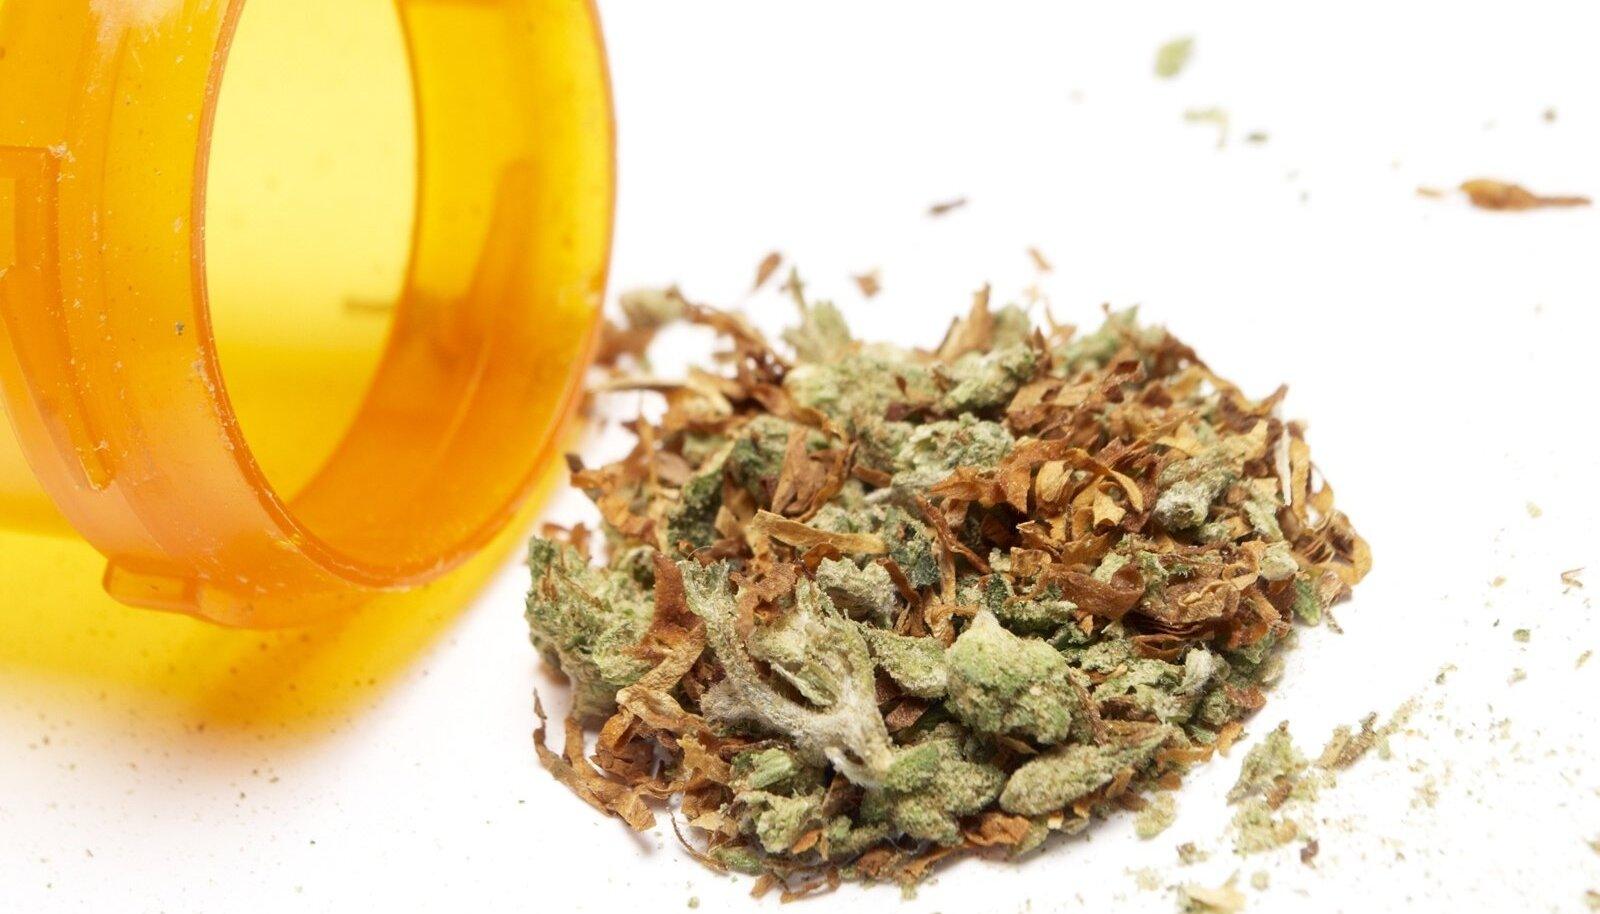 Sel aastal on politsei registreerinud umbes 1850 narkootilise aine tarvitamise juhtumit. Endiselt on kõige levinum uimasti kanep.